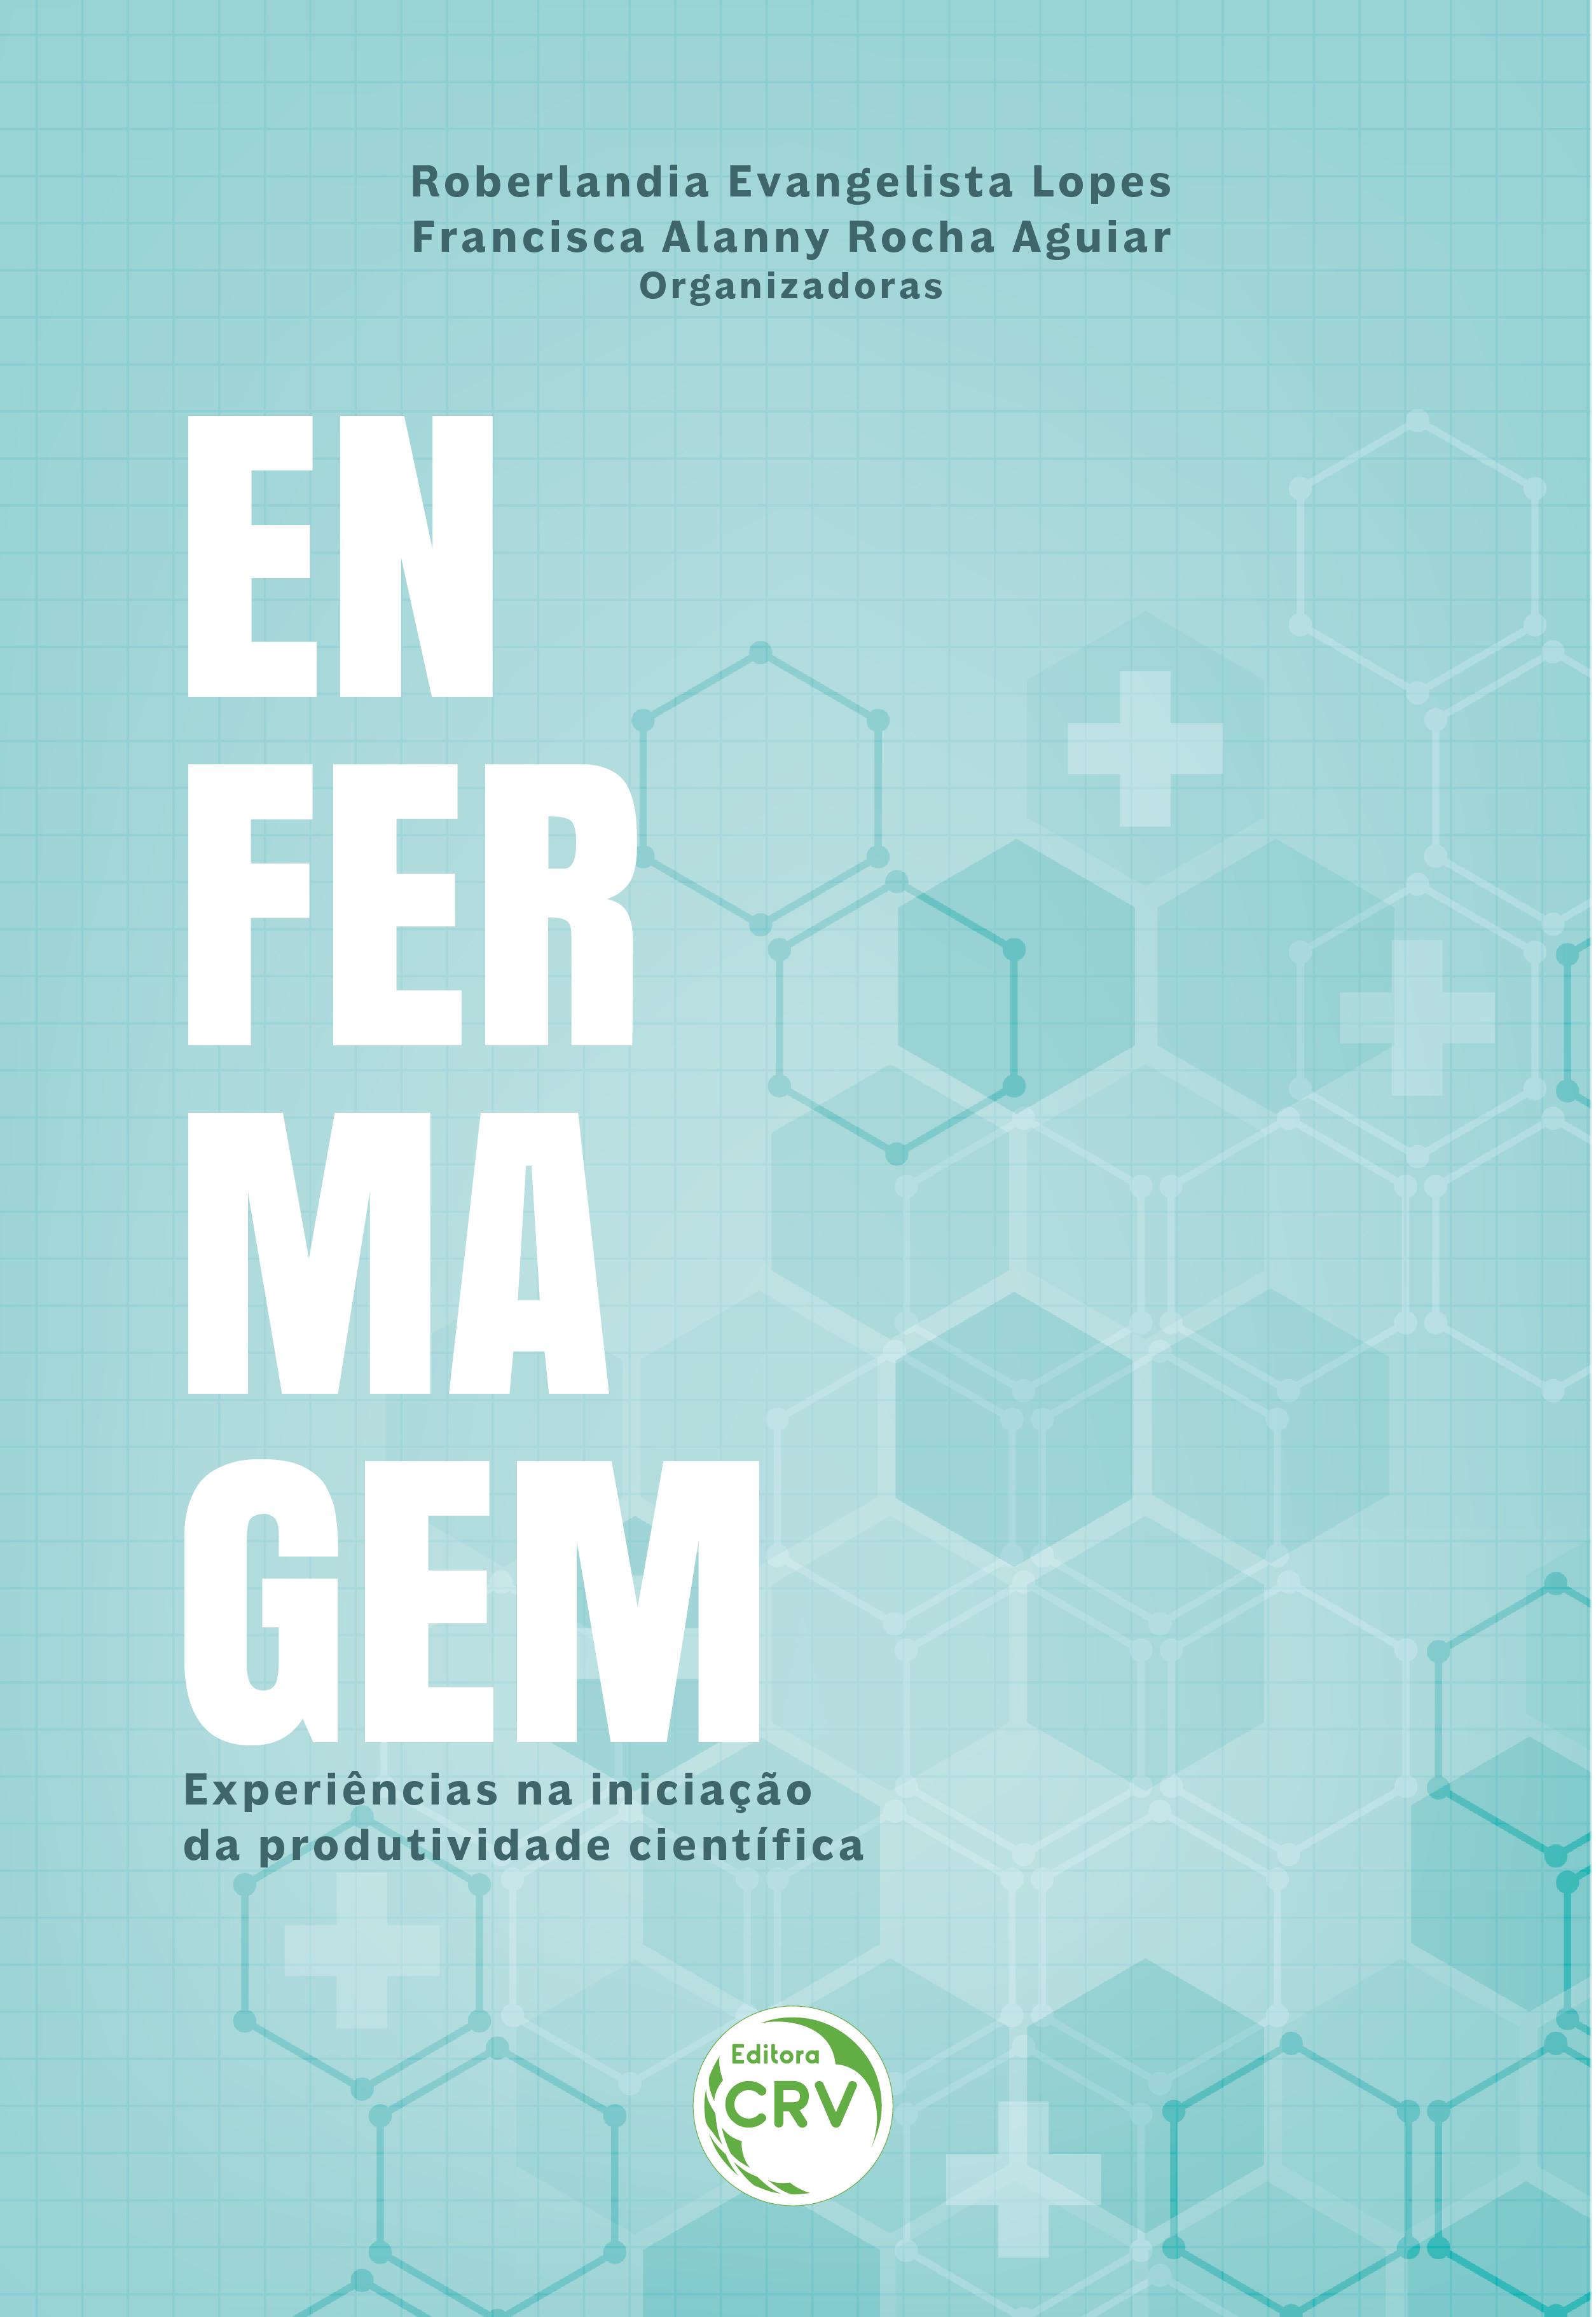 Capa do livro: ENFERMAGEM: <br>experiências na iniciação da produtividade científica